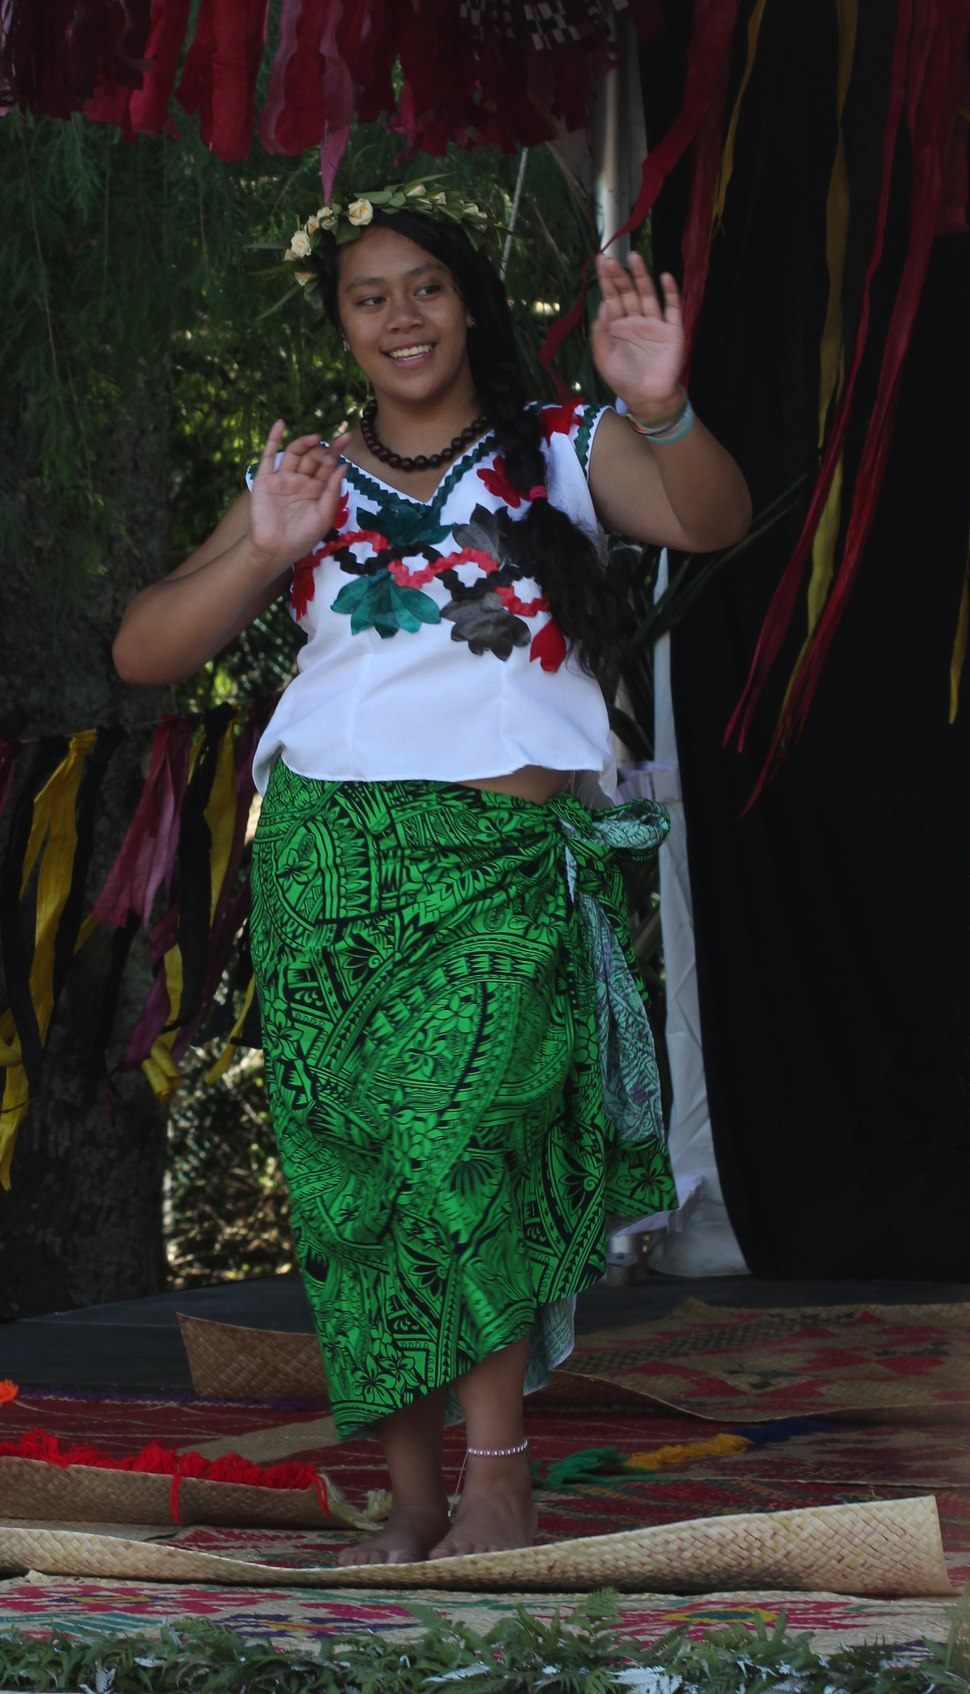 Dancer, Tuvalu stage, 2011 Pasifika festival